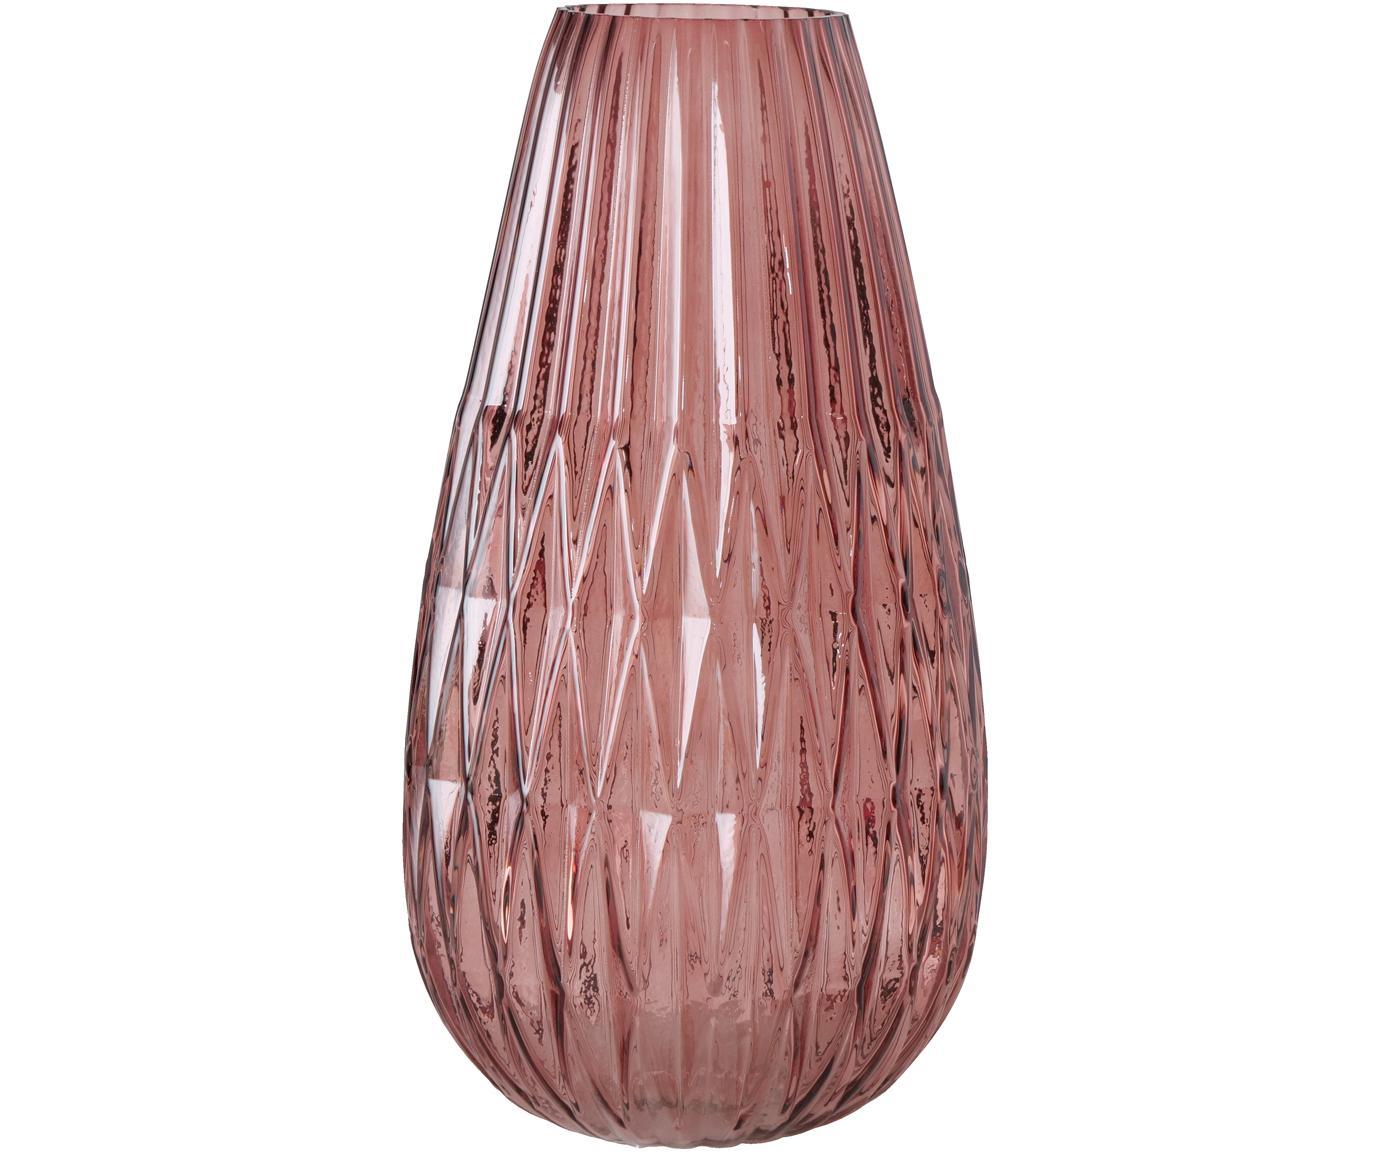 Duży wazon ze szkła Rubina, Szkło, Blady różowy, Ø 20 x W 36 cm